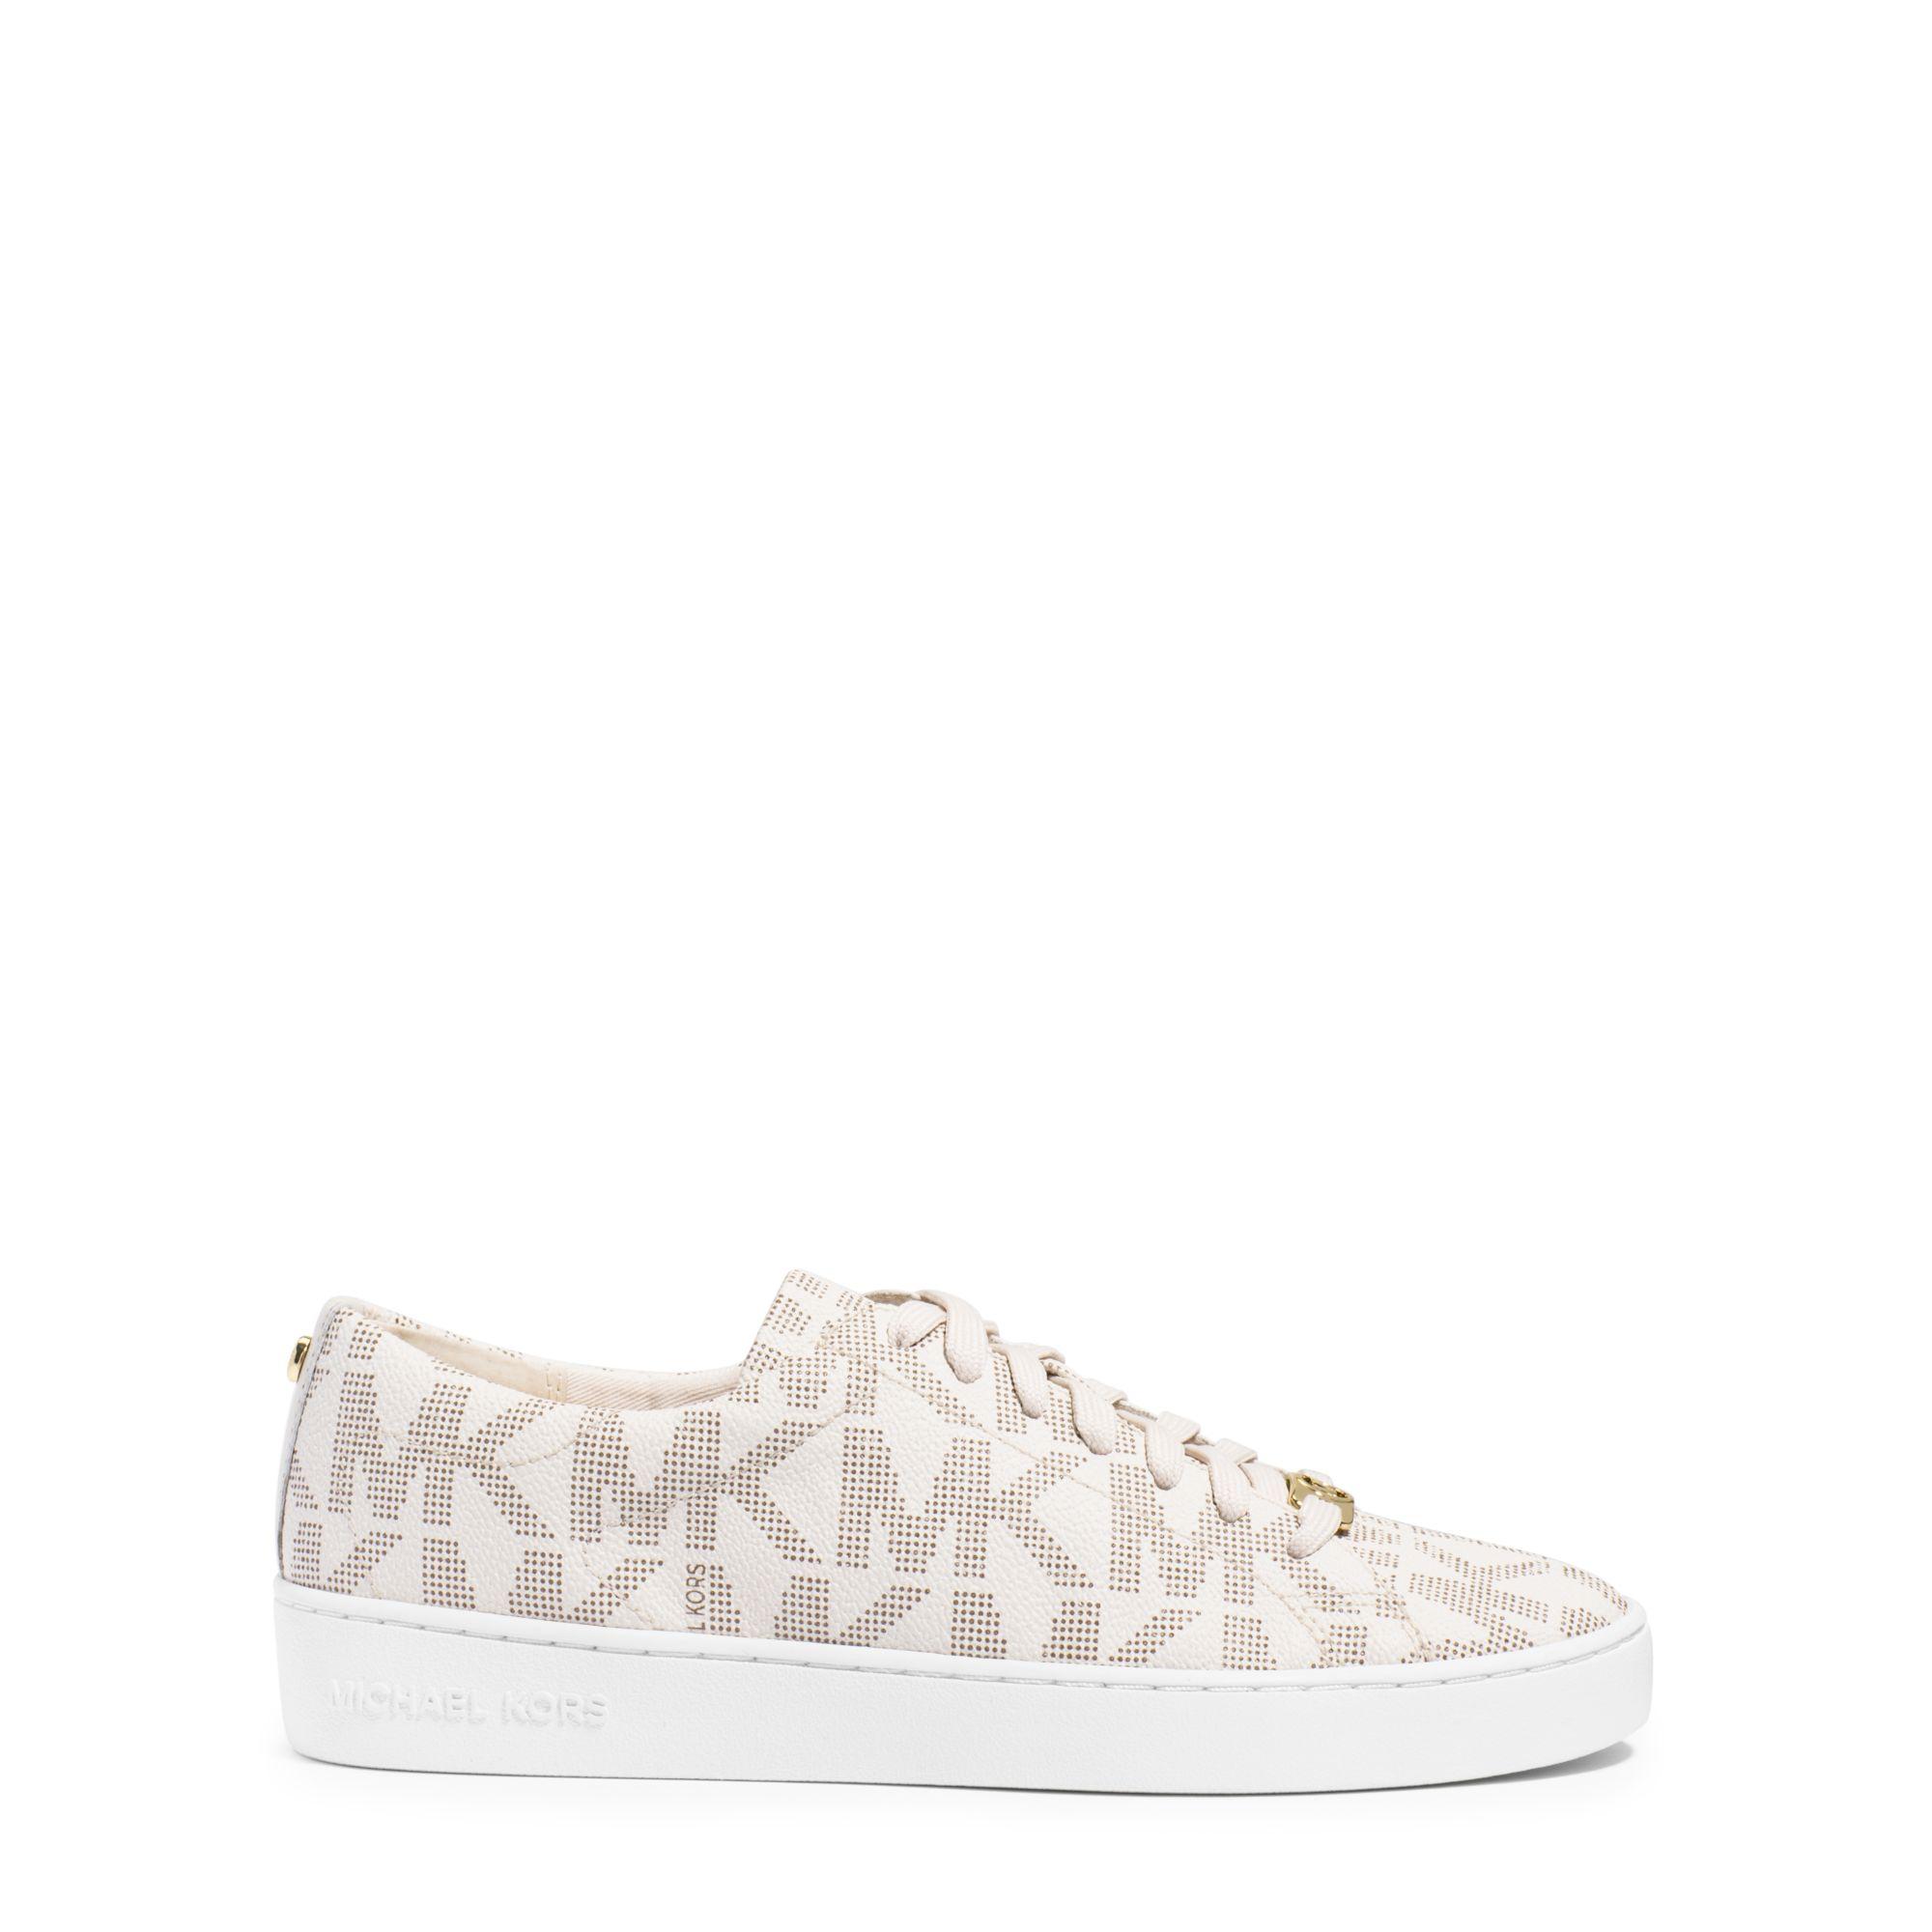 28ceee69c2f Michael Kors Keaton Logo Sneaker in White - Lyst